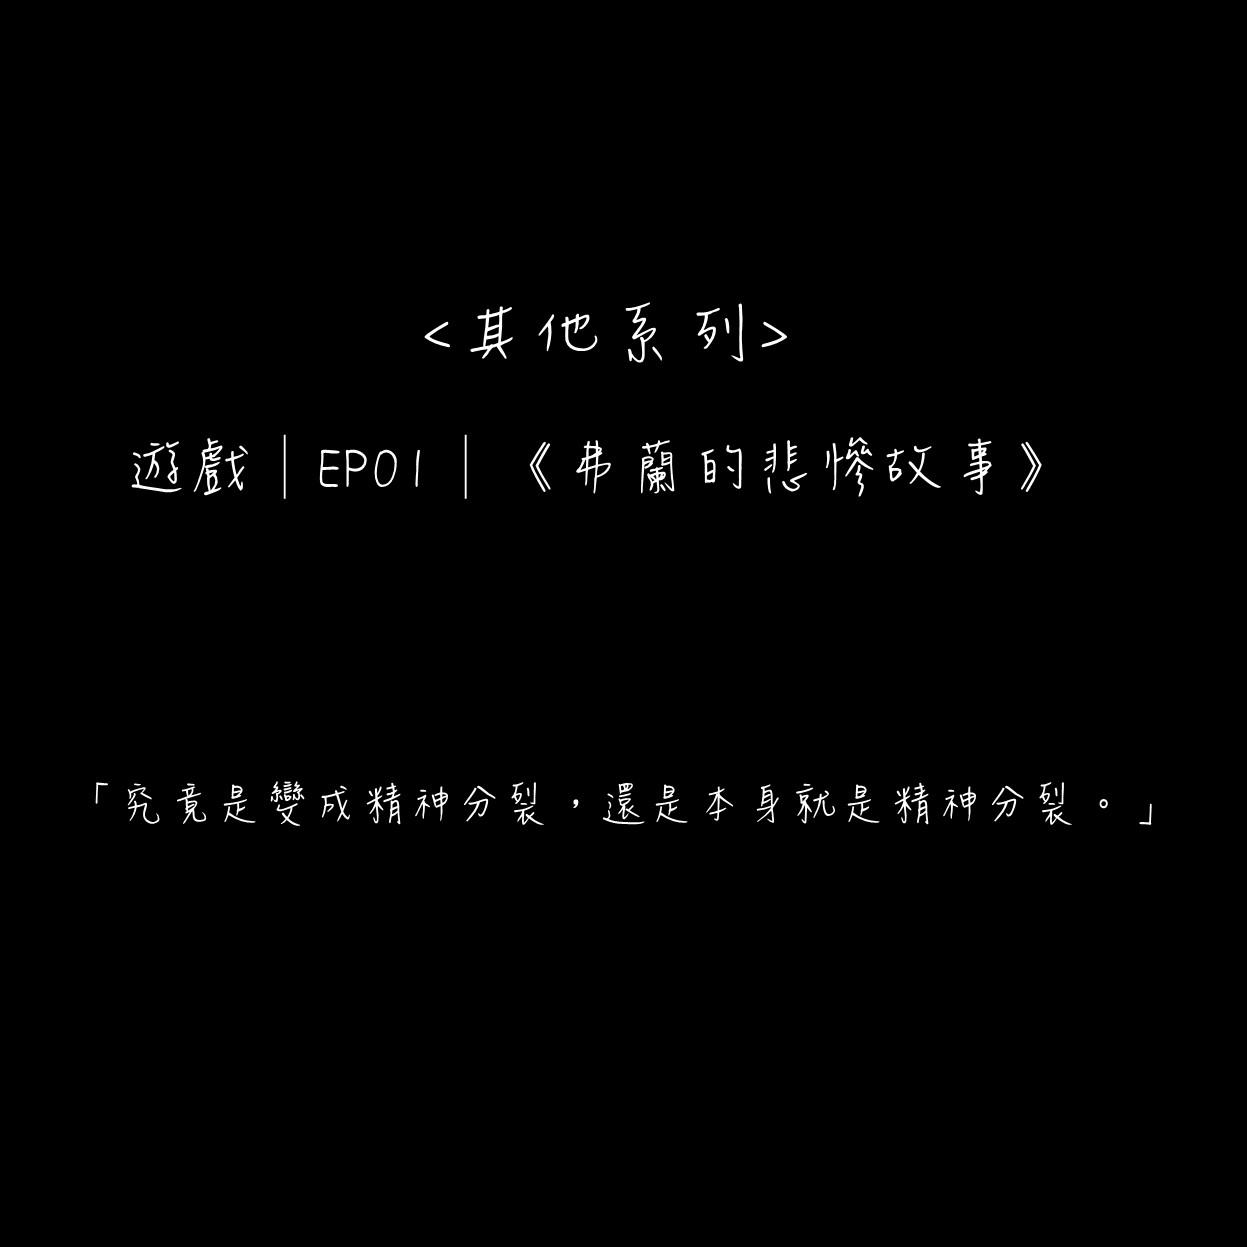 <其他系列>│遊戲│EP01│《弗蘭的悲慘故事》